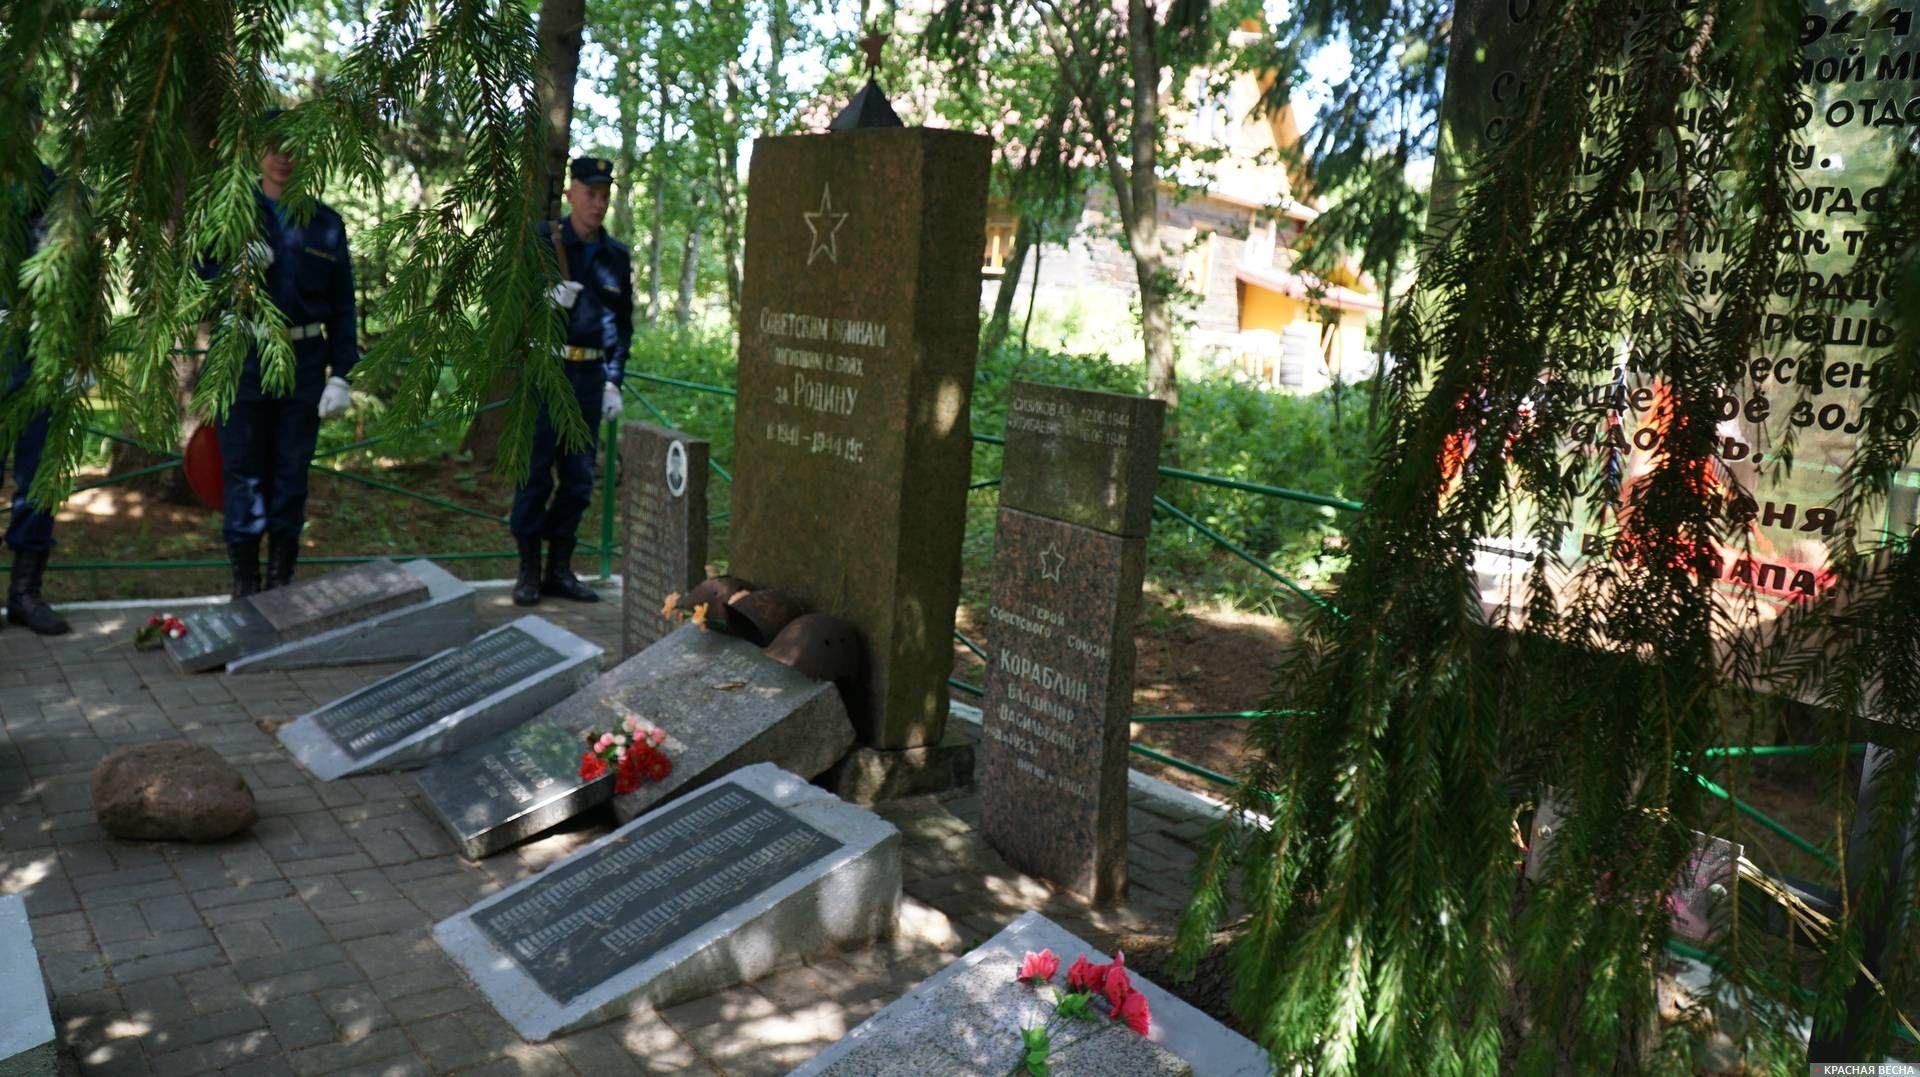 Группа почетного караула на мемориале. Ленобласть. 12.06.2019